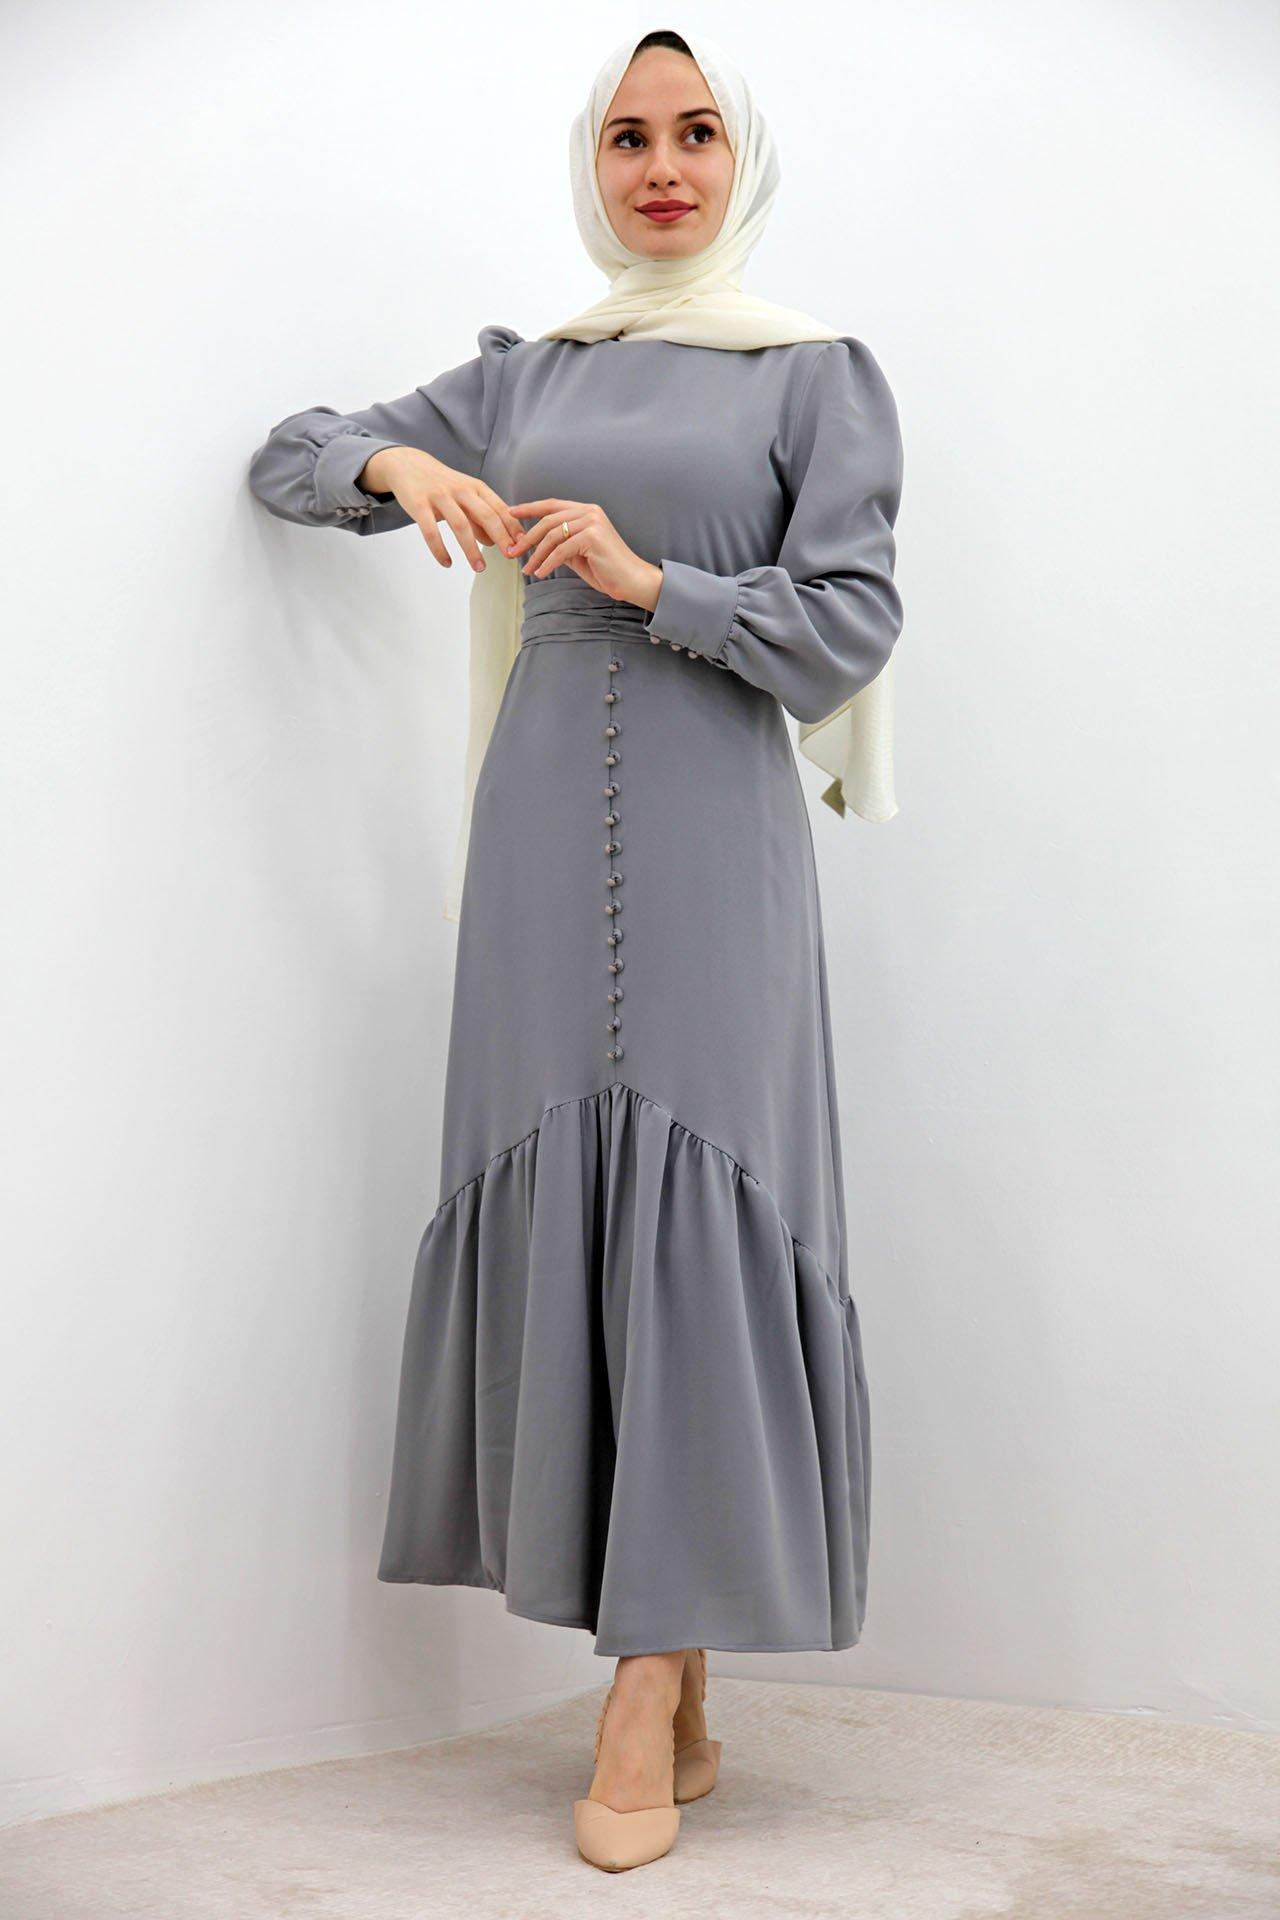 GİZAGİYİM - Düğme Detaylı Kuşaklı Elbise Gri